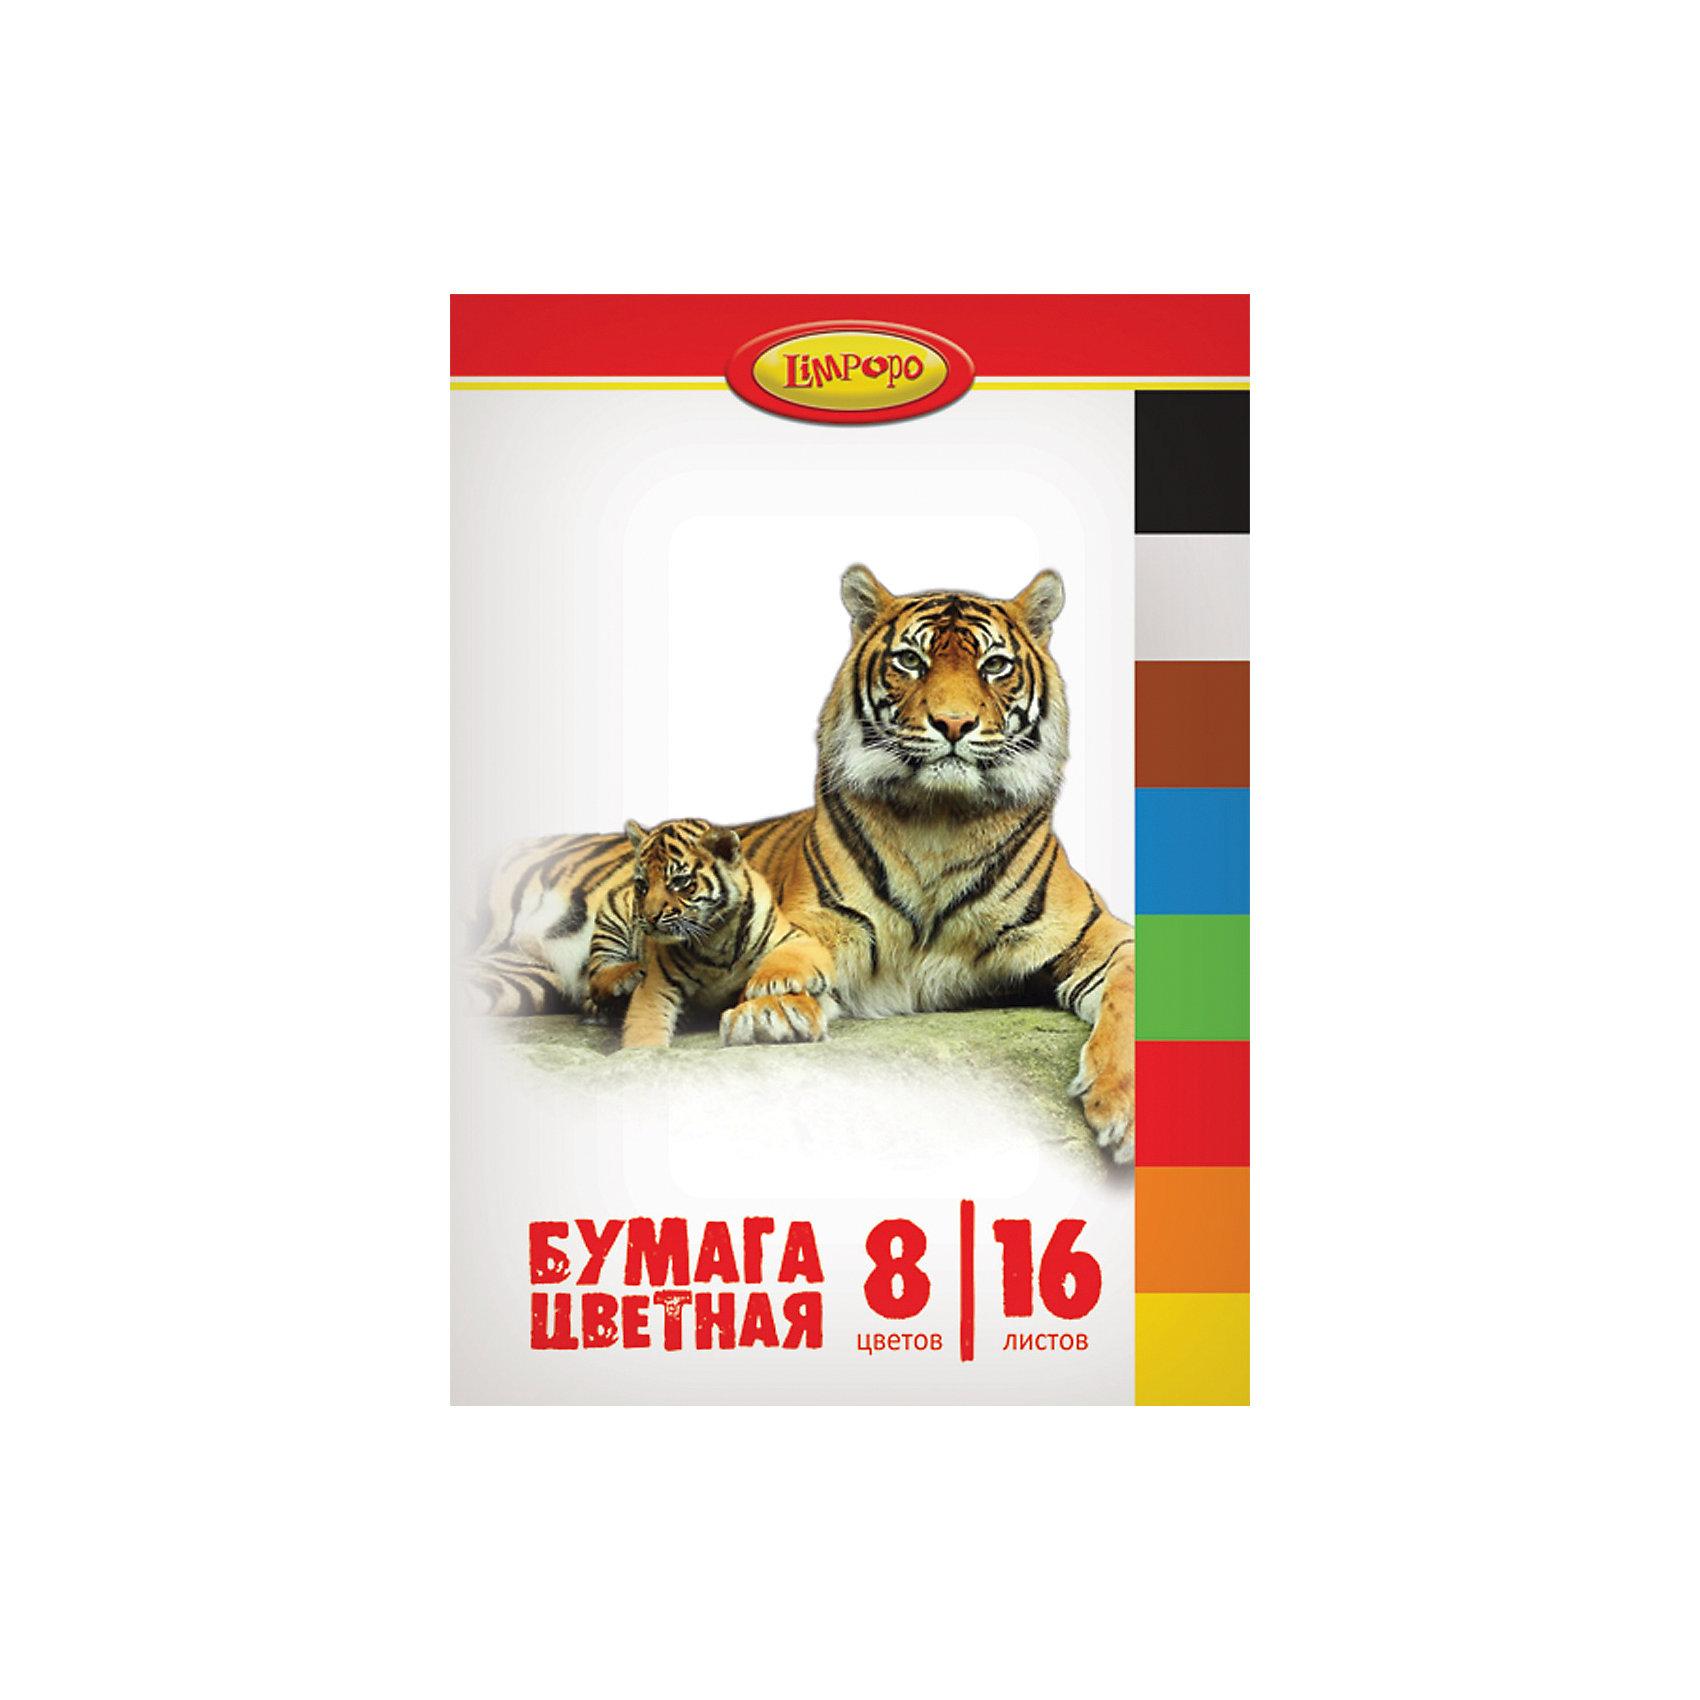 Набор цветной бумаги немелованной Хищники, 8 цветовБумажная продукция<br>Характеристики цветной немелованной бумаги, 16 листов, 8 цветов, Хищники:<br><br>• комплект: 16 листов немелованной бумаги с односторонней печатью<br>• количесвто цветов: 8<br>• формат: А4<br>• состав: бумага, картон.<br>• упаковка: папка с двумя клапанами<br>• размеры: 29,4х20,5х0,4 см<br>• бренд: Limpopo<br>• страна производитель: Россия.<br><br>Набор цветной бумаги немелованной Хищники, 8 цветов торговой марки можно купить в нашем интернет-магазине.<br><br>Ширина мм: 285<br>Глубина мм: 2050<br>Высота мм: 3<br>Вес г: 56<br>Возраст от месяцев: 48<br>Возраст до месяцев: 120<br>Пол: Унисекс<br>Возраст: Детский<br>SKU: 5475513